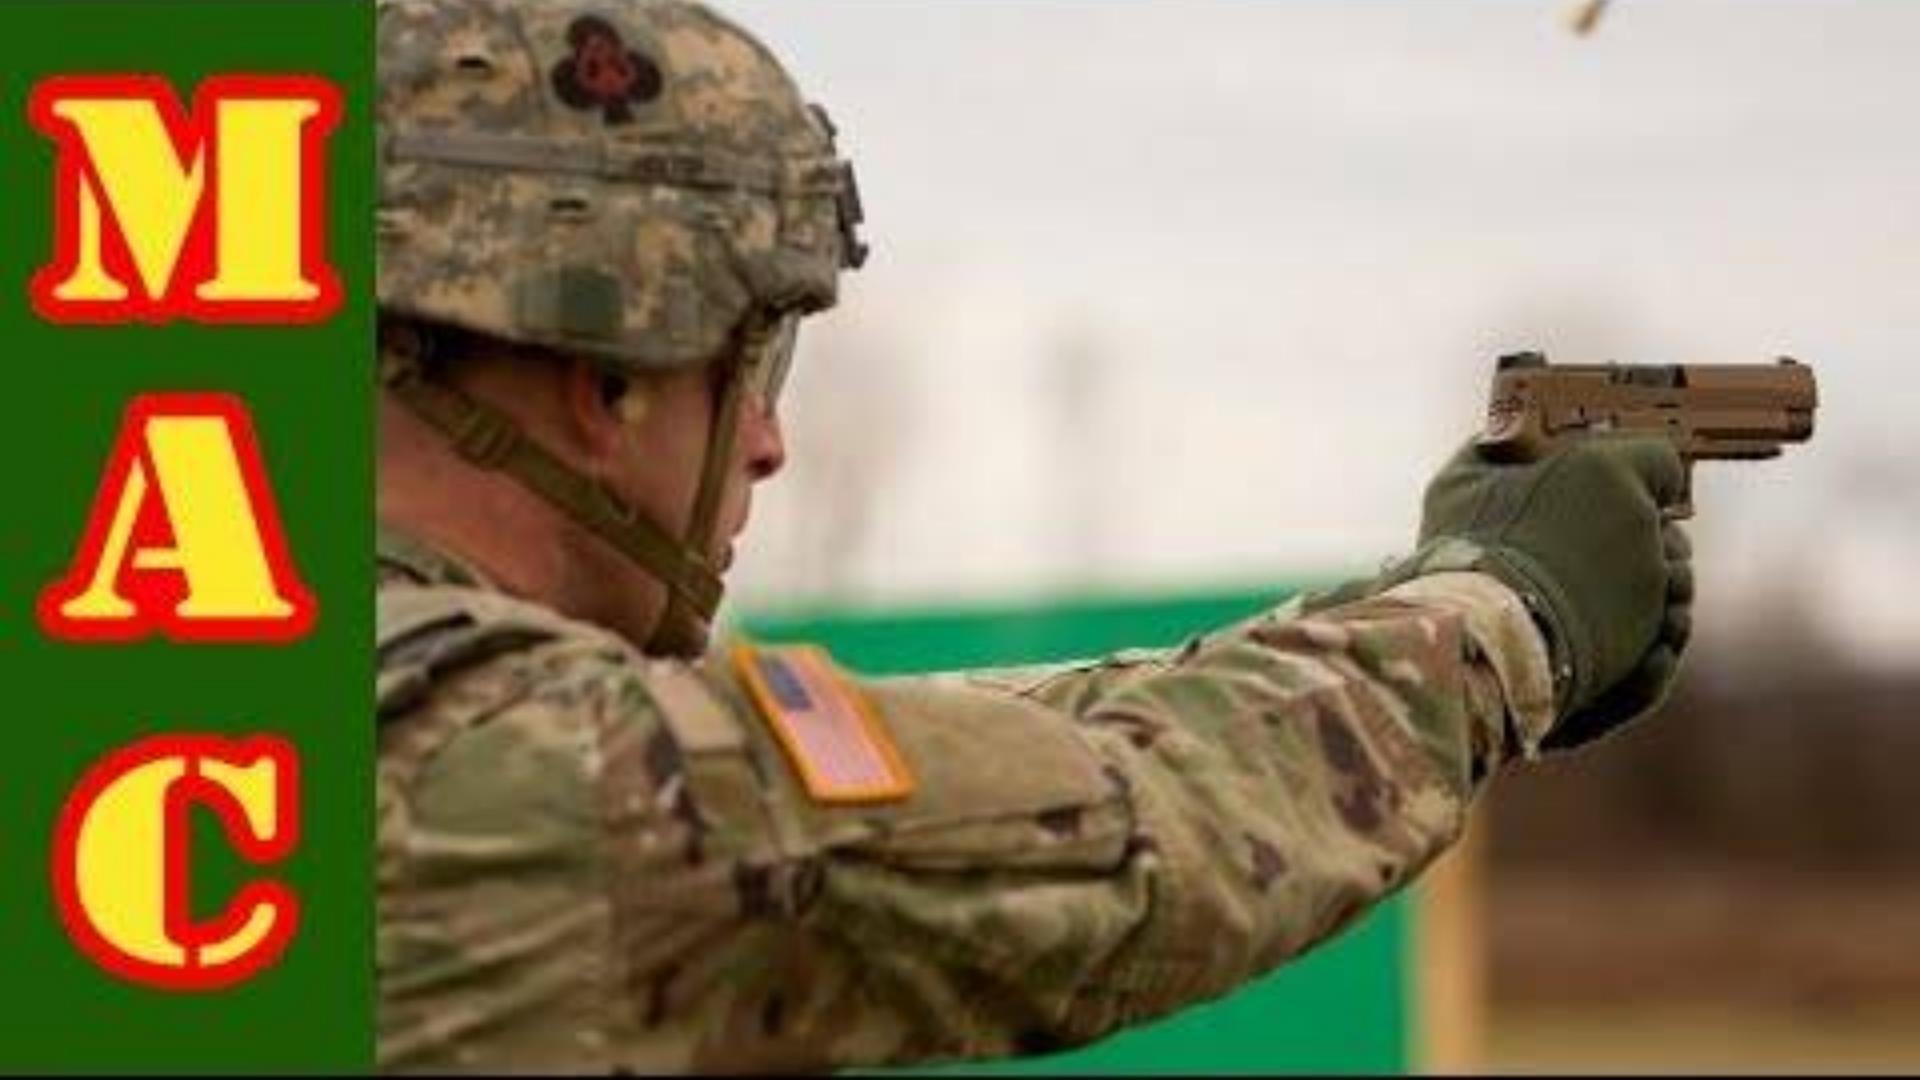 [MAC]试射军用剩余西格绍尔M17手枪